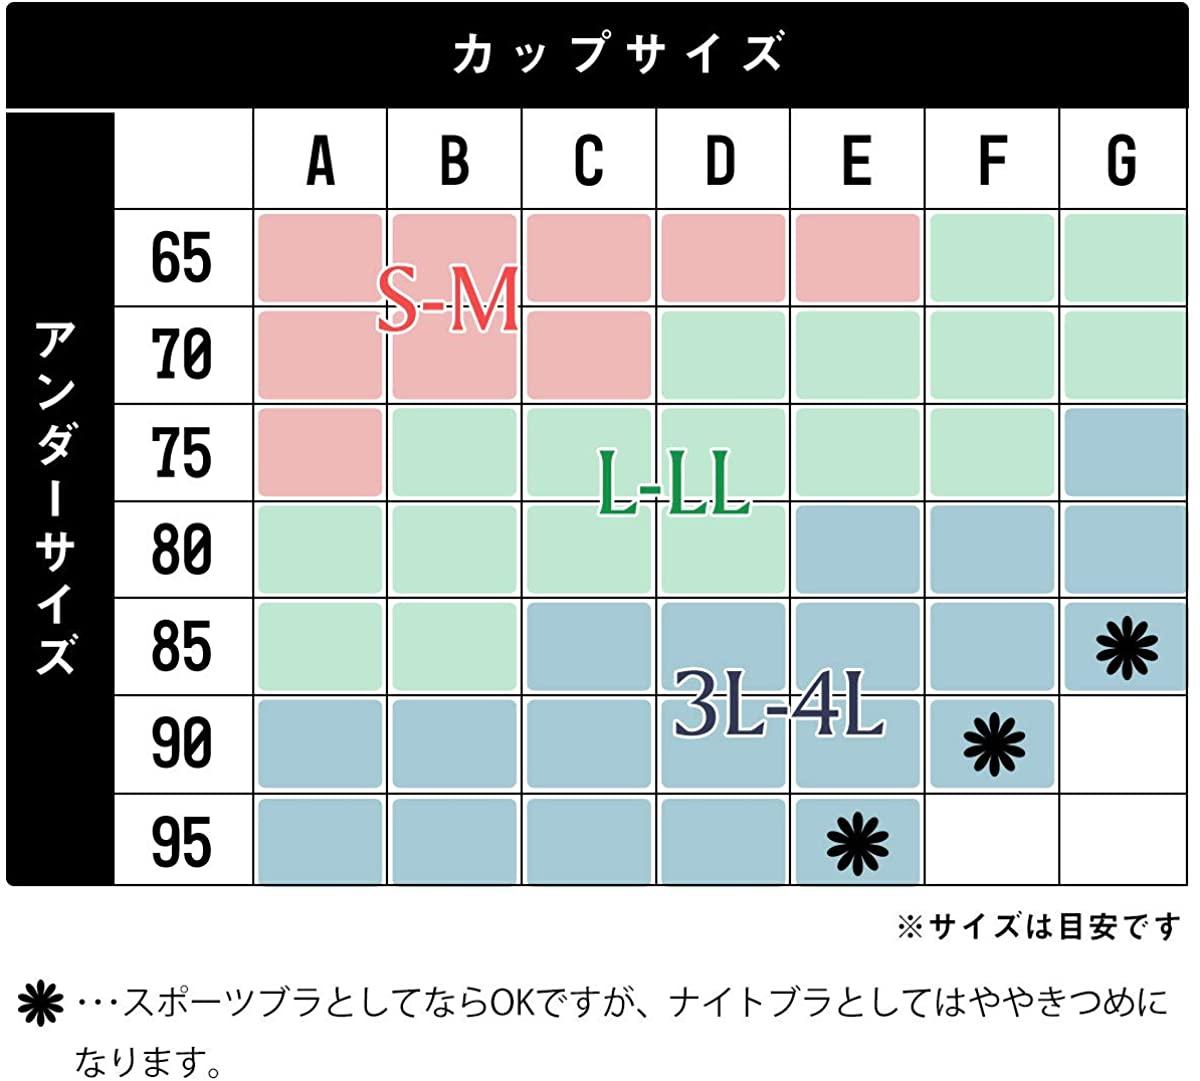 Raku Bra 24(ラクブラニジュウヨン) ナイトブラの商品画像9